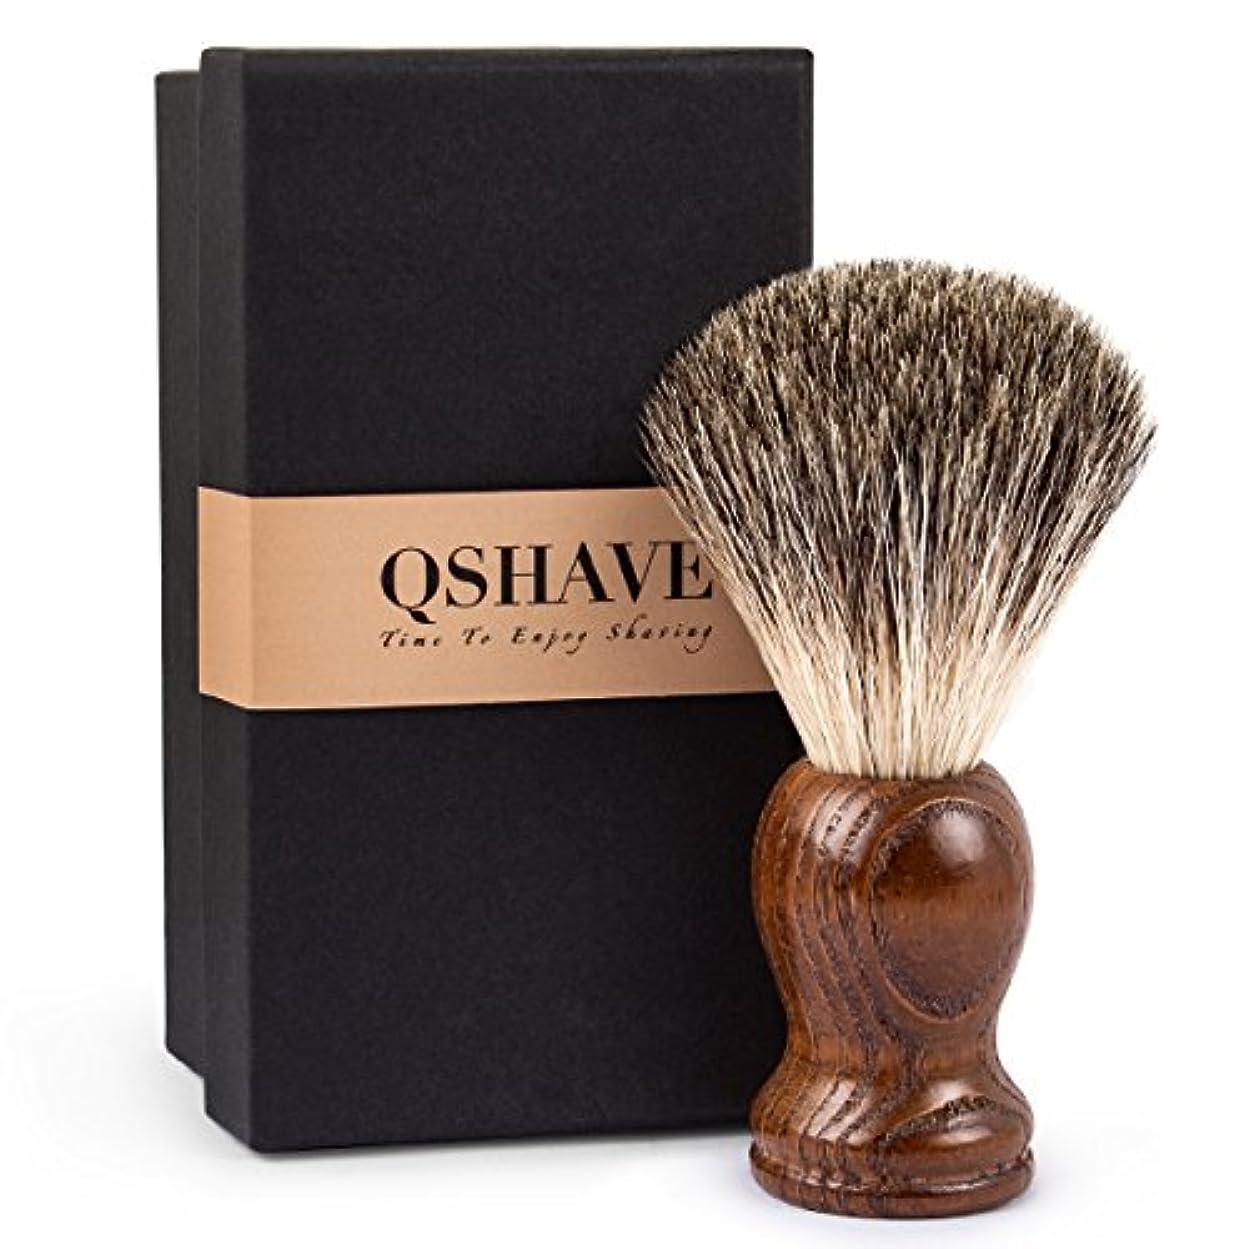 グッゲンハイム美術館ルール報酬QSHAVE 100%アナグマ毛 木製ハンドル オリジナルハンドメイドシェービングブラシ。ウェットシェービング、安全カミソリ、両刃カミソリに最適